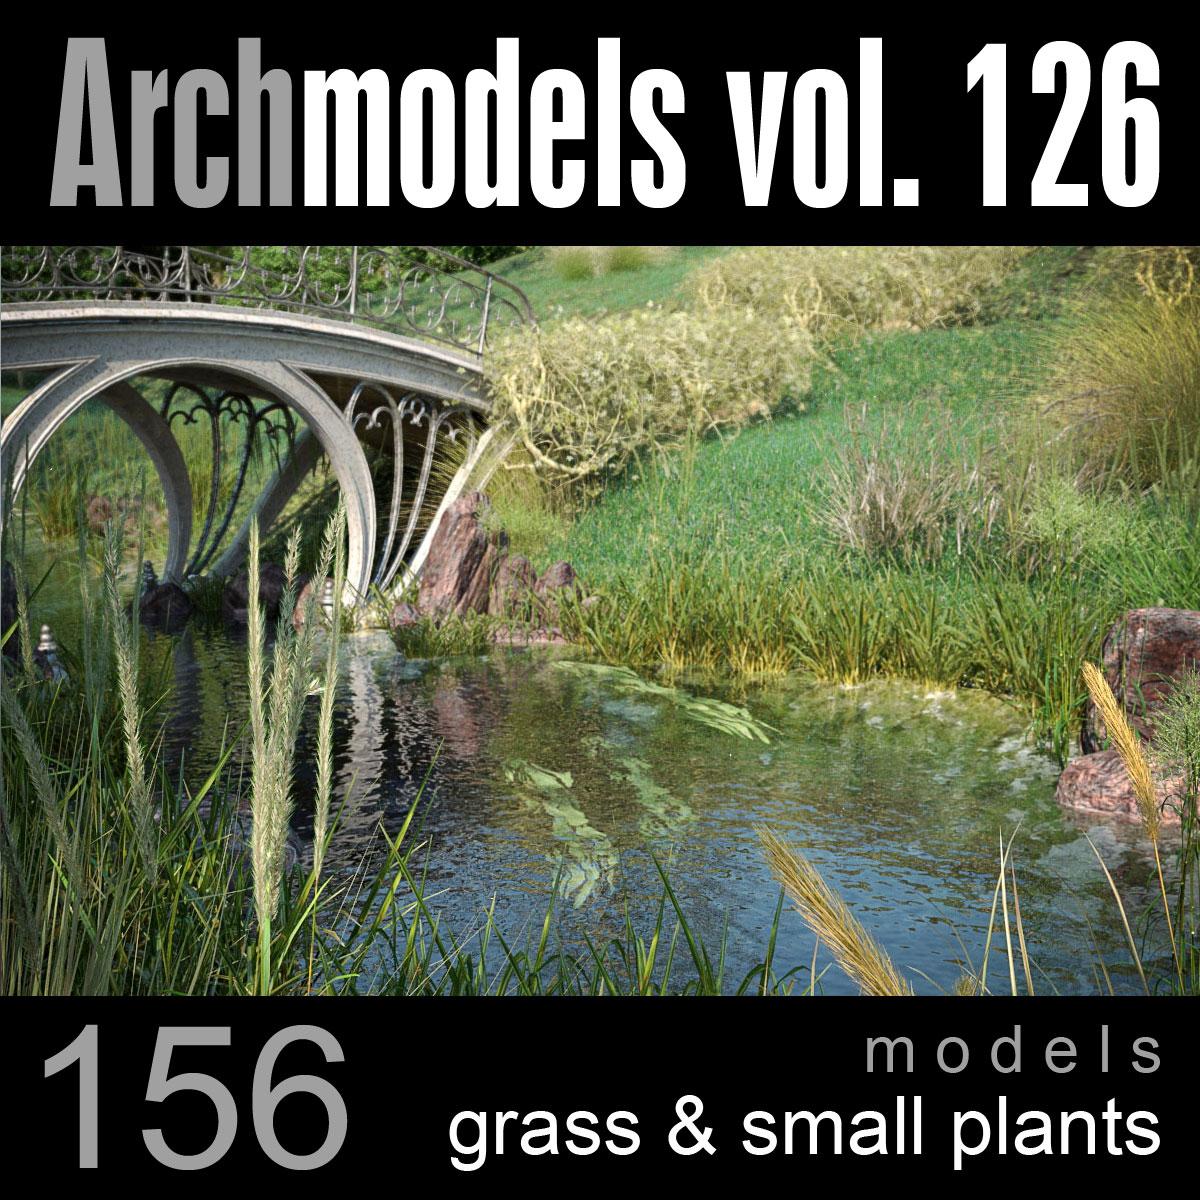 archmodels vol 126 grass 3d model